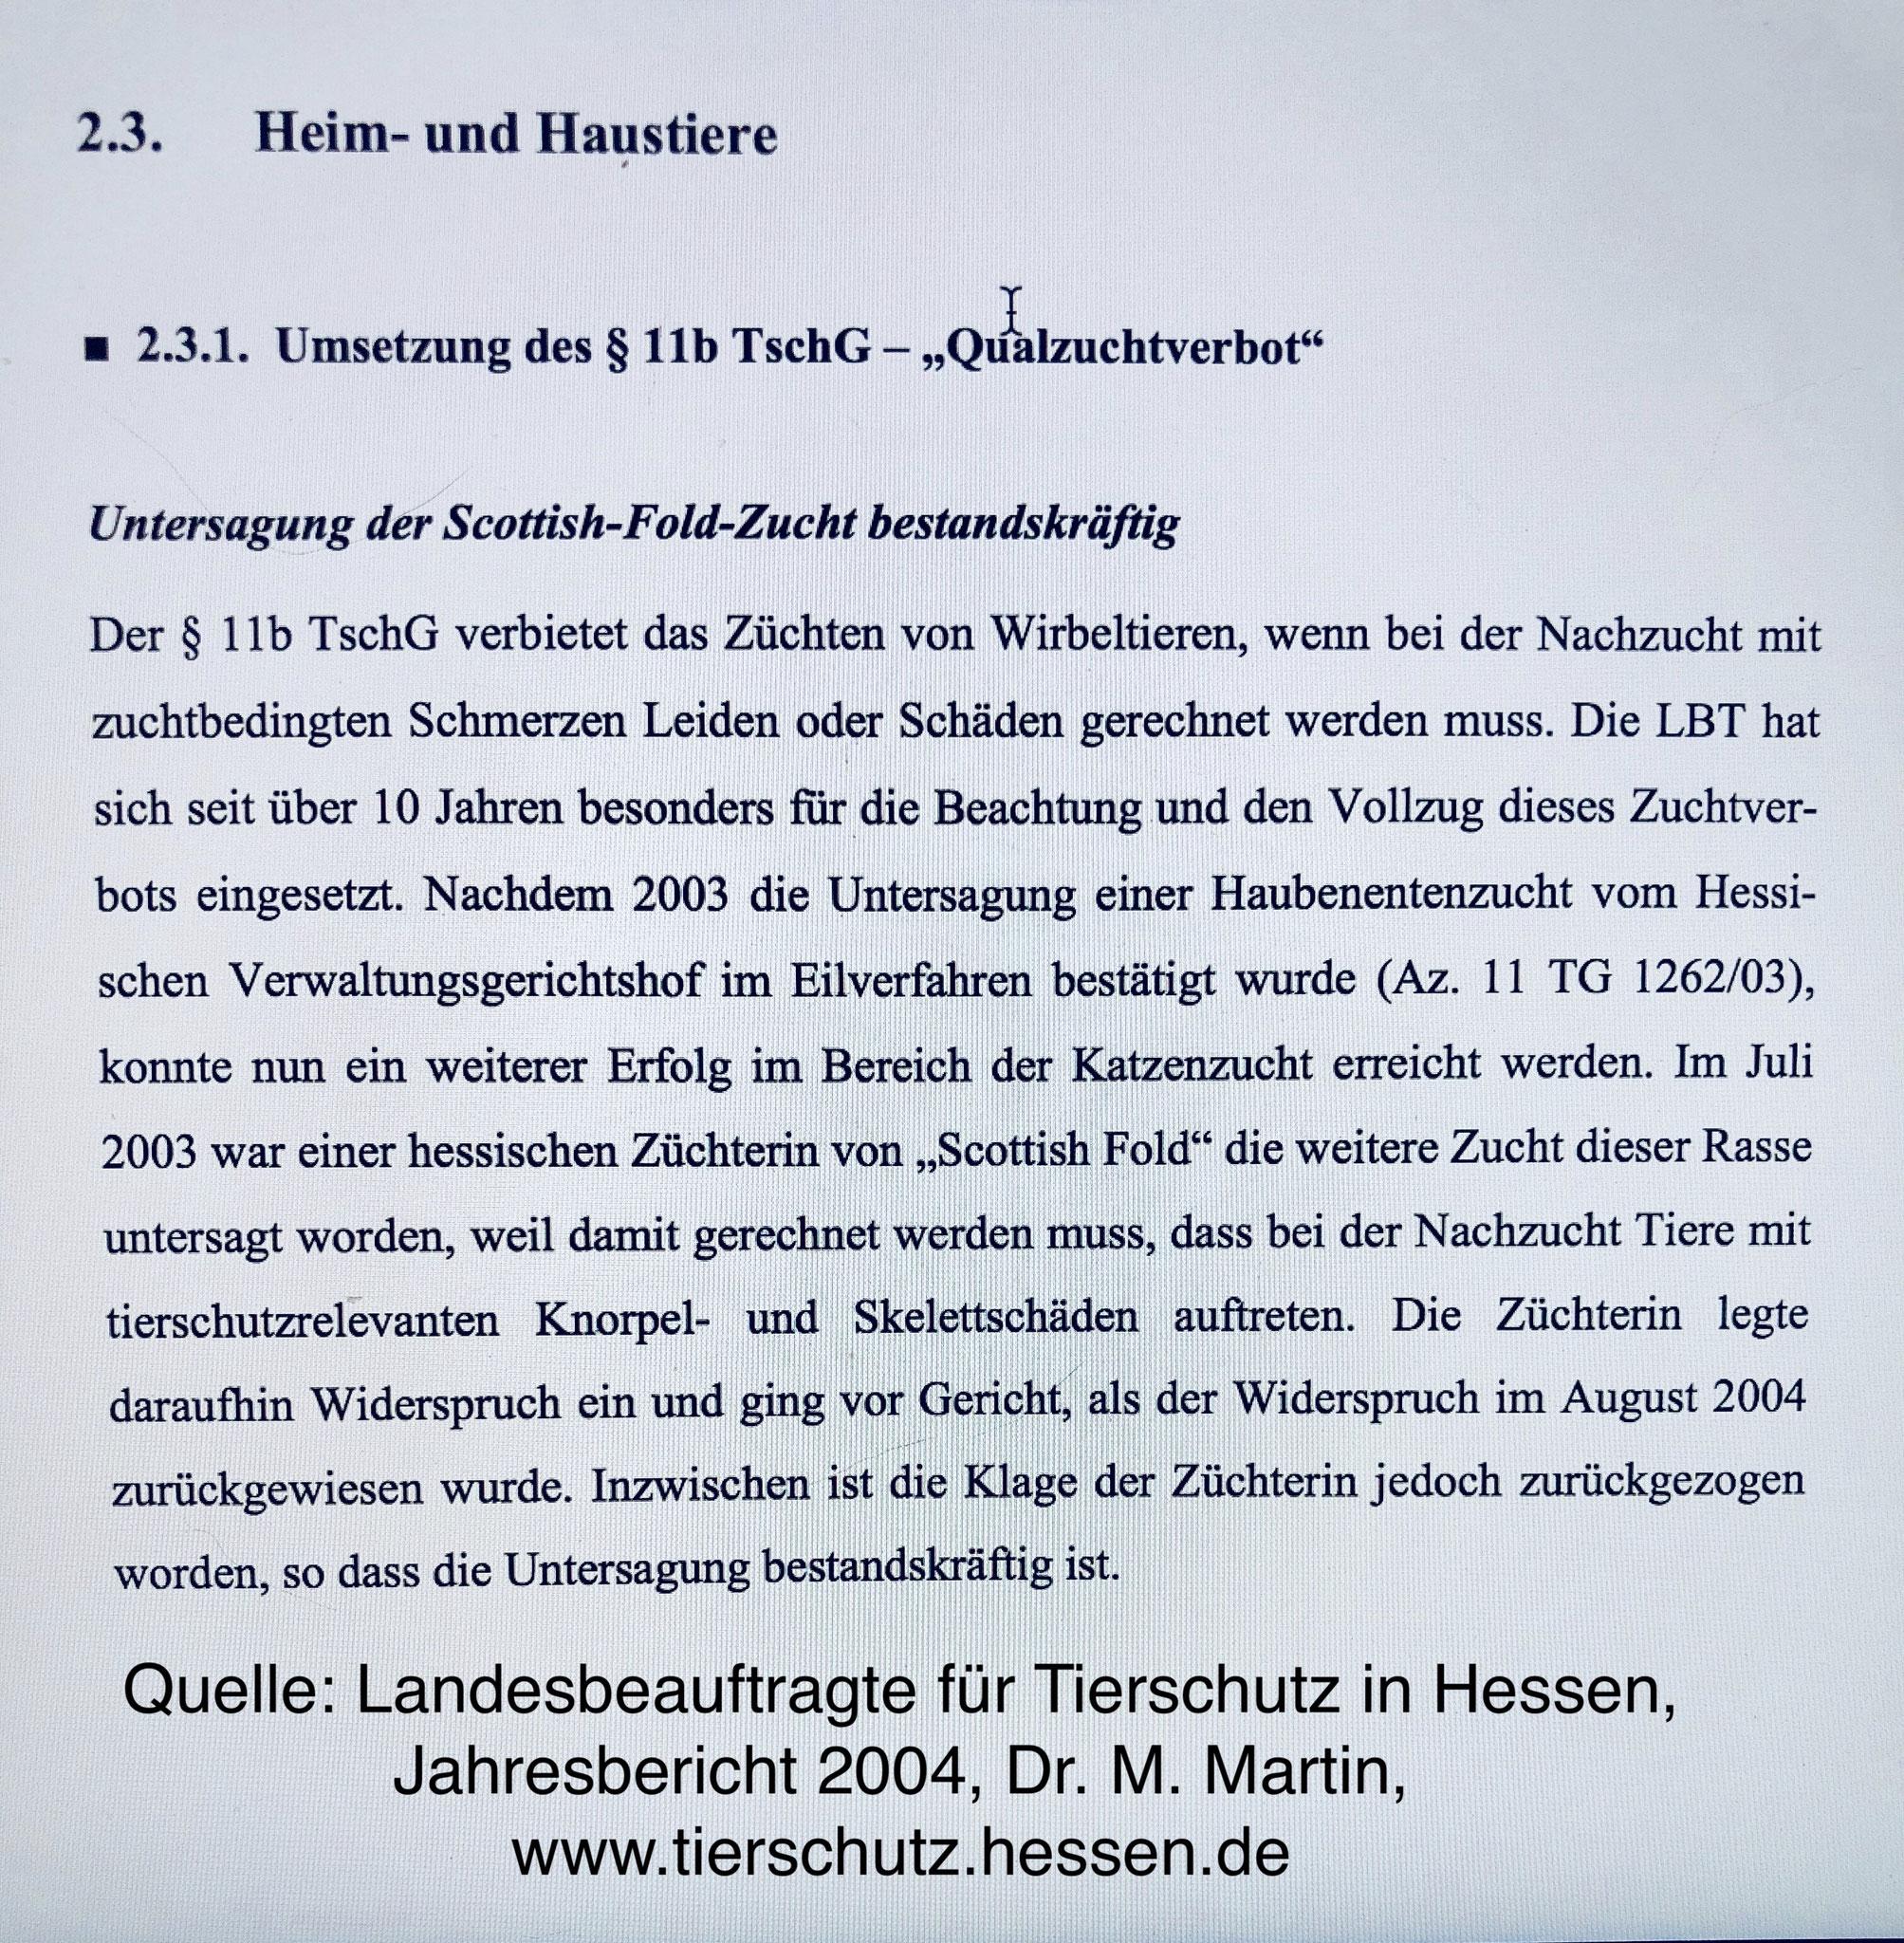 Untersagung der Scottish Fold Zucht, Hessischer Landtag, 2004, Dr. M. Martin